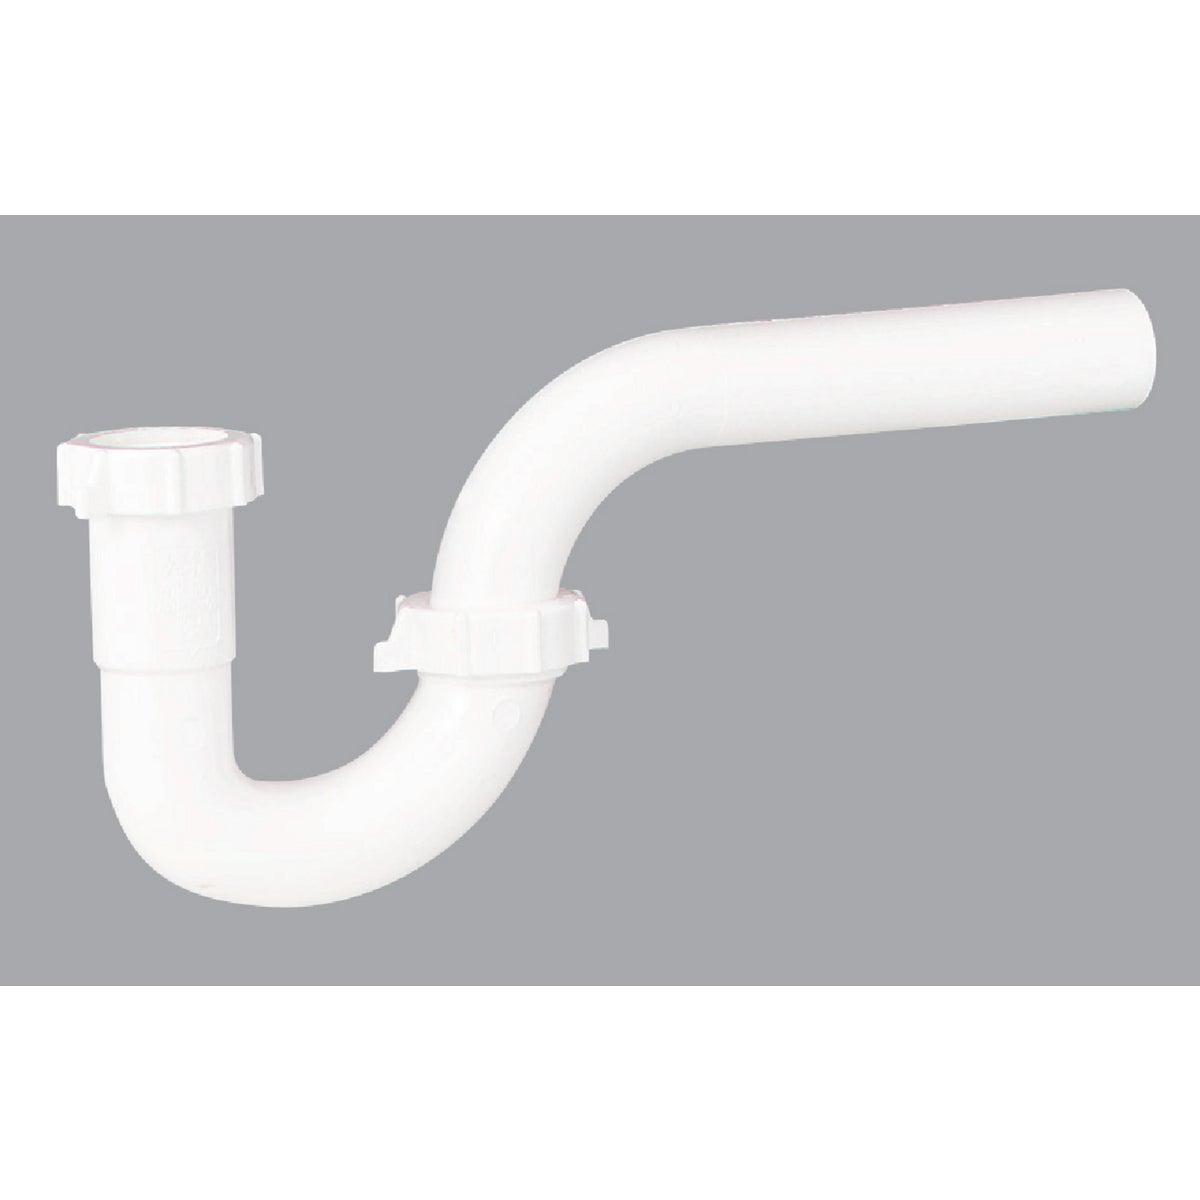 Plumb Pak/Keeney Mfg. 1-1/4 WHT PLASTIC P-TRAP 495026